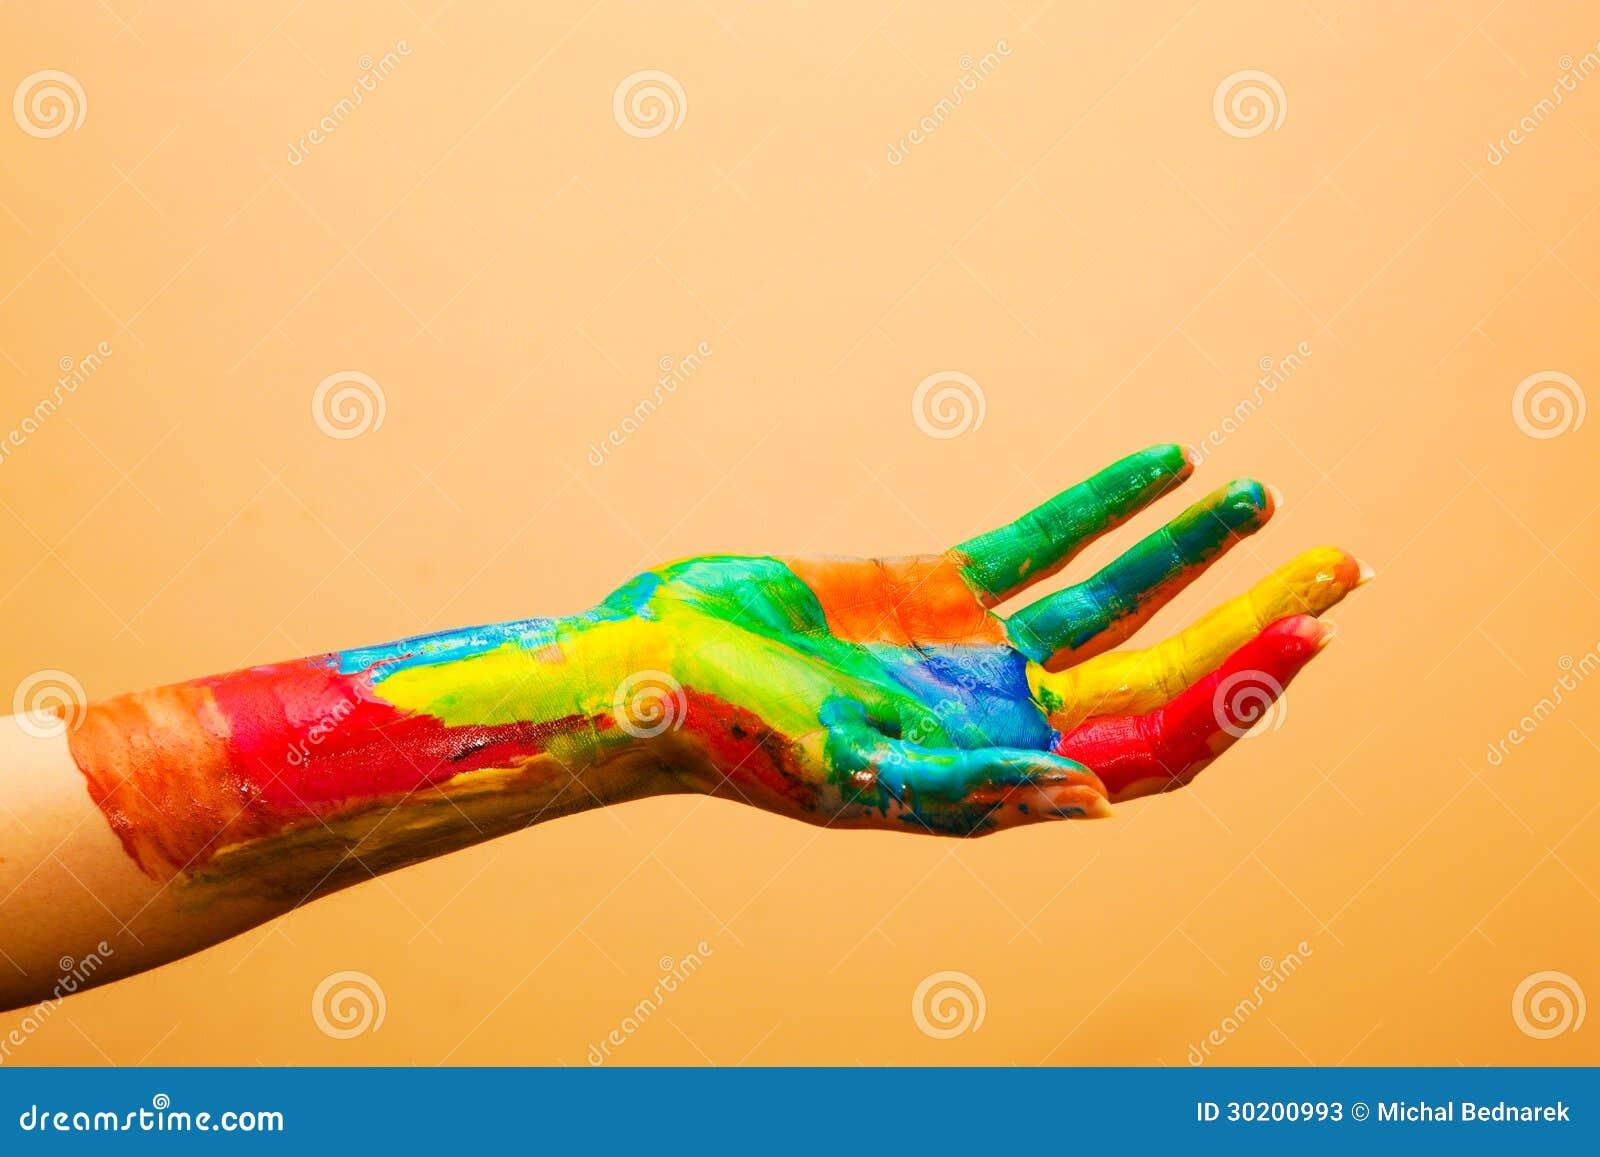 Χρωματισμένο χέρι, ζωηρόχρωμη διασκέδαση. Πορτοκαλί υπόβαθρο